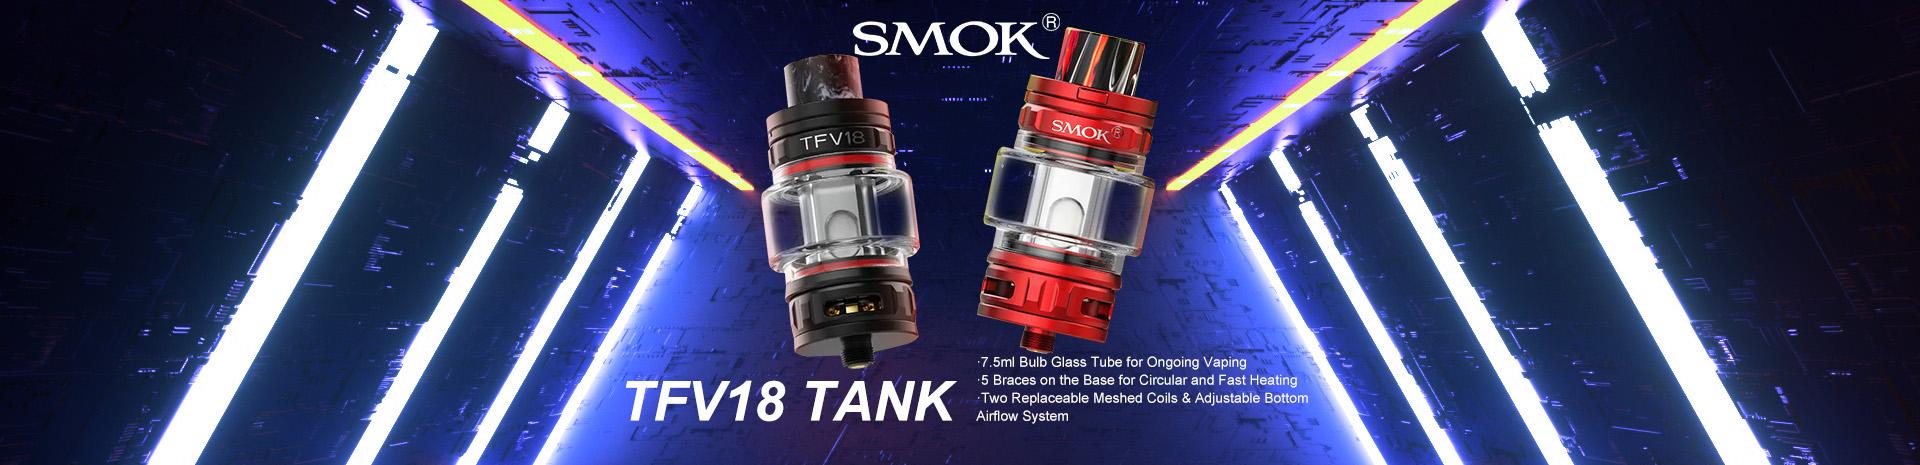 SMOK TFV18 Tank Banner